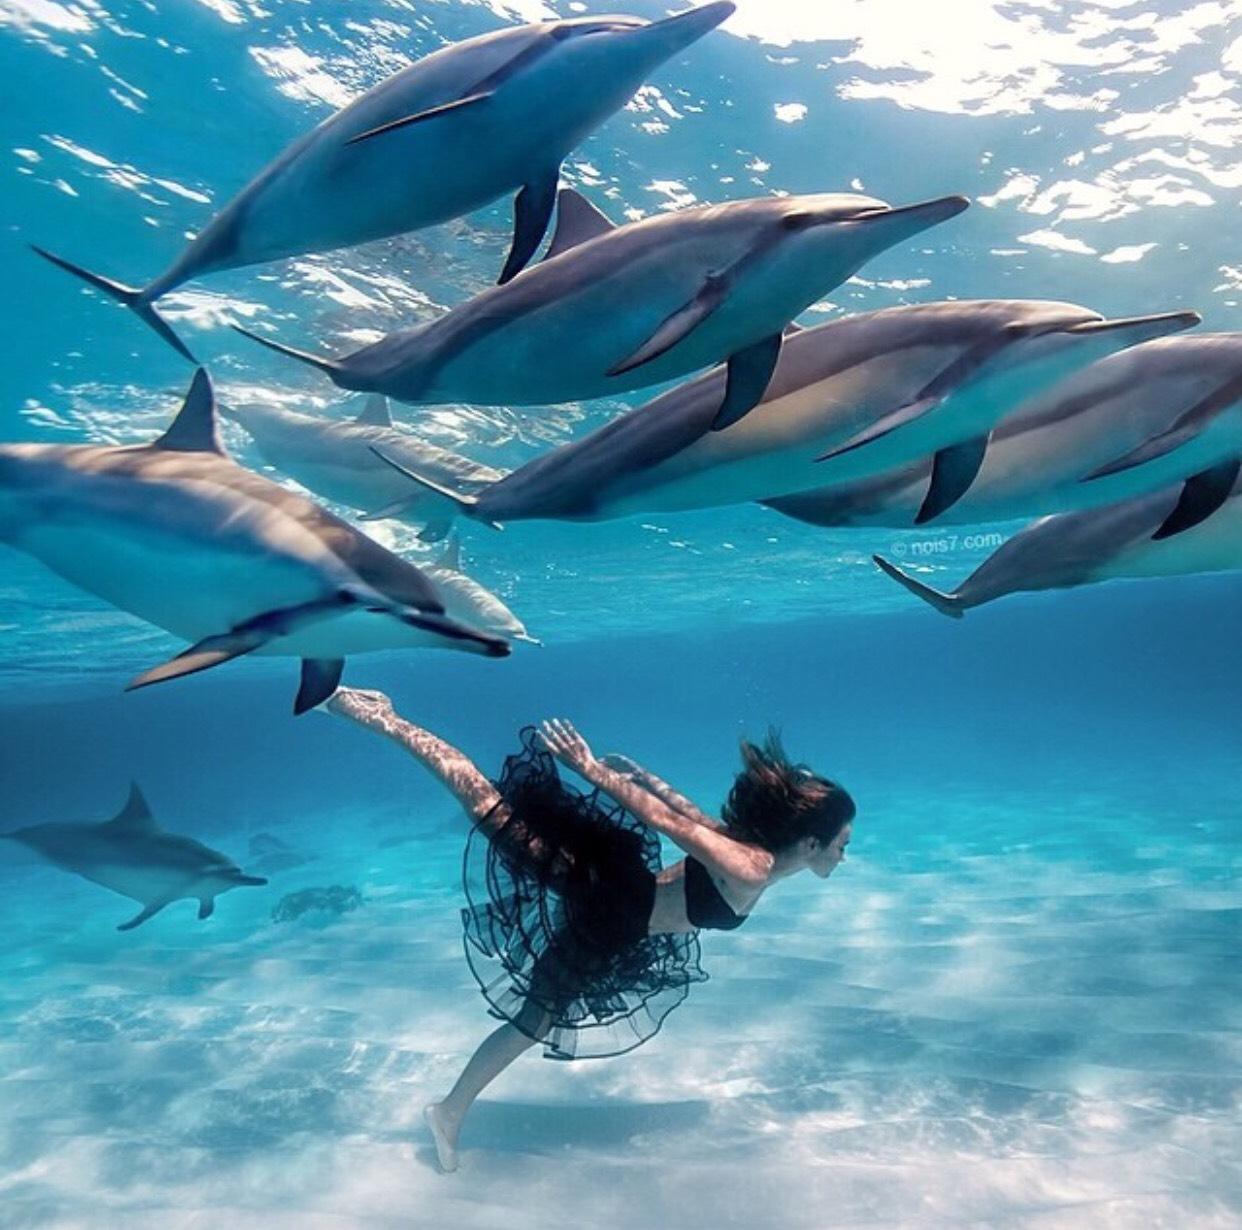 Hình ảnh siêu thực về cá heo và con người